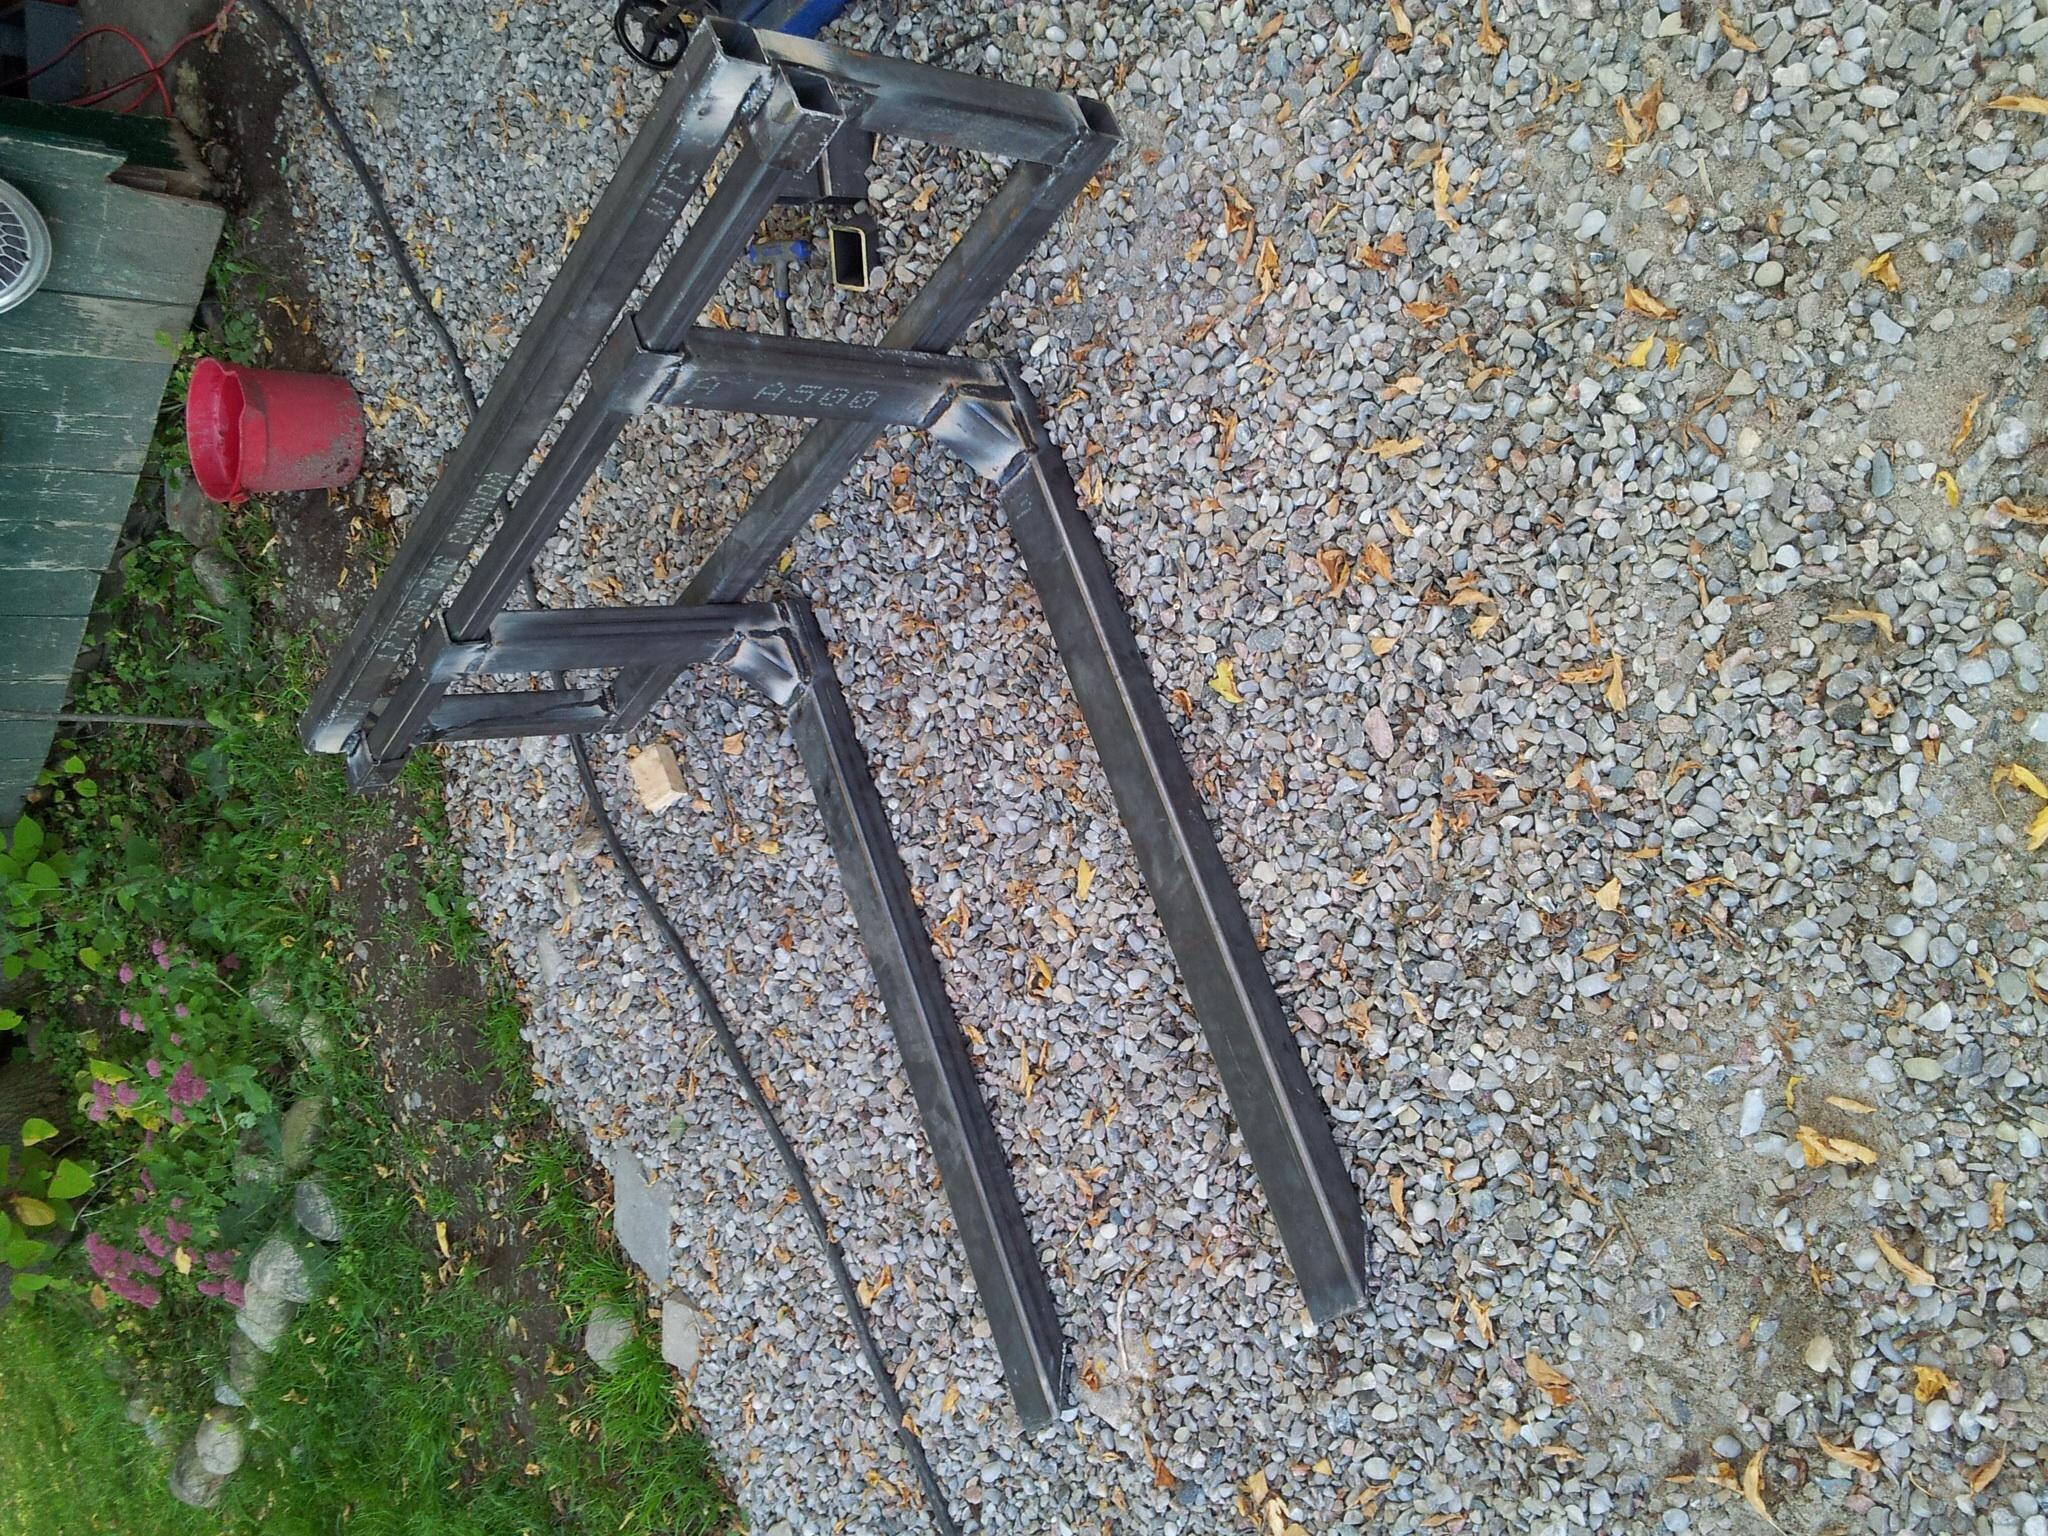 Homemade pallet forks